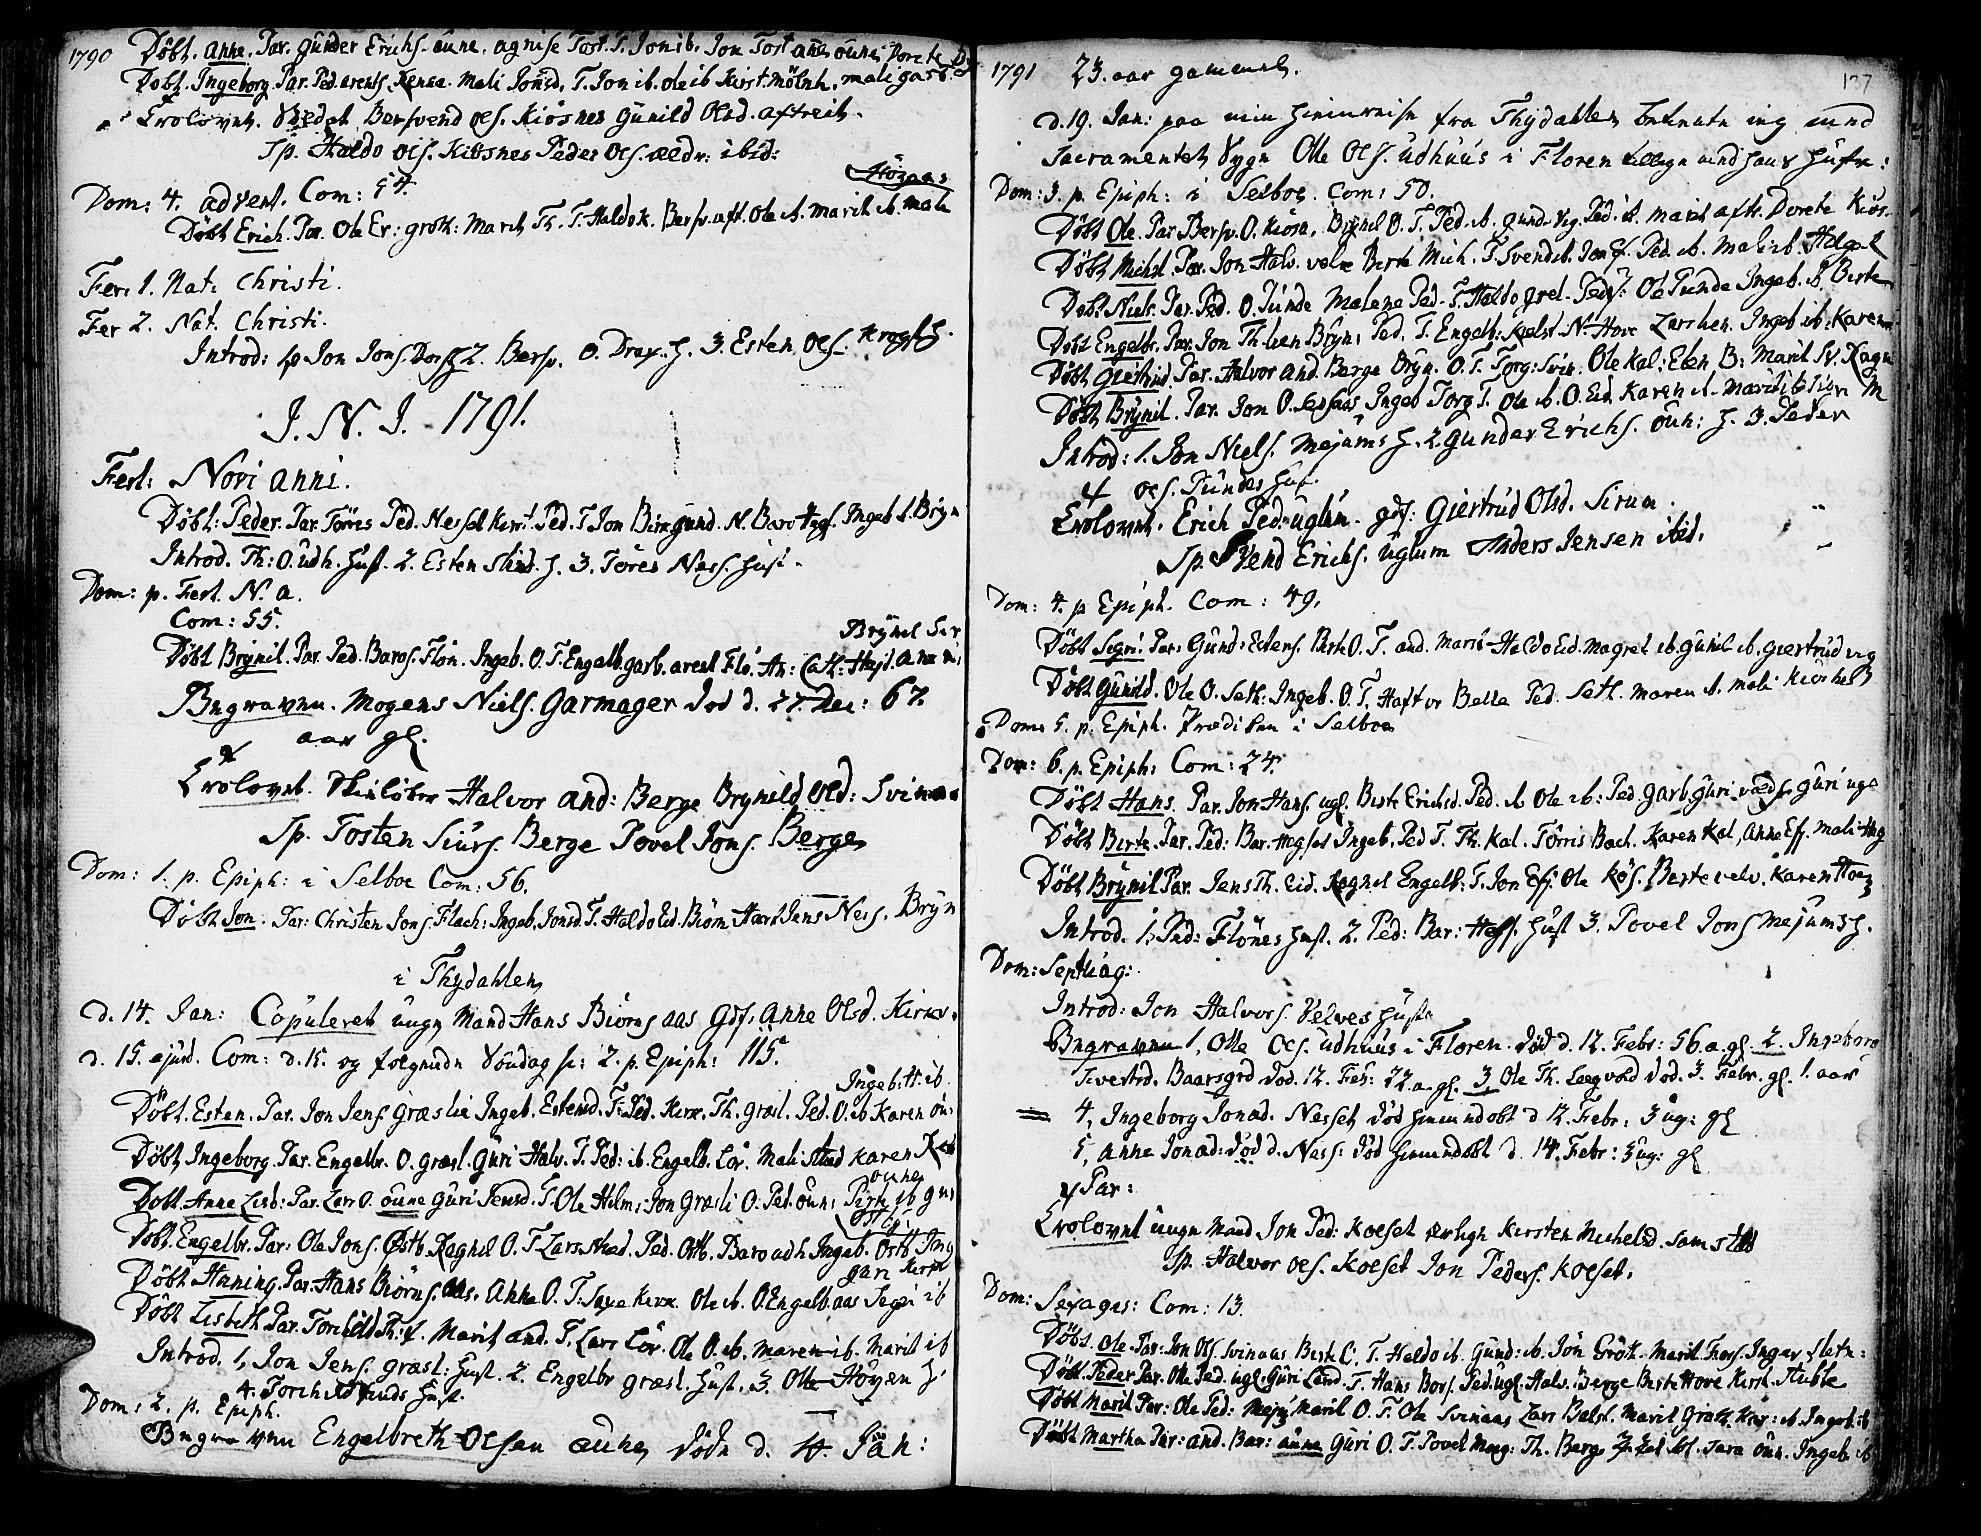 SAT, Ministerialprotokoller, klokkerbøker og fødselsregistre - Sør-Trøndelag, 695/L1138: Ministerialbok nr. 695A02 /1, 1757-1801, s. 137